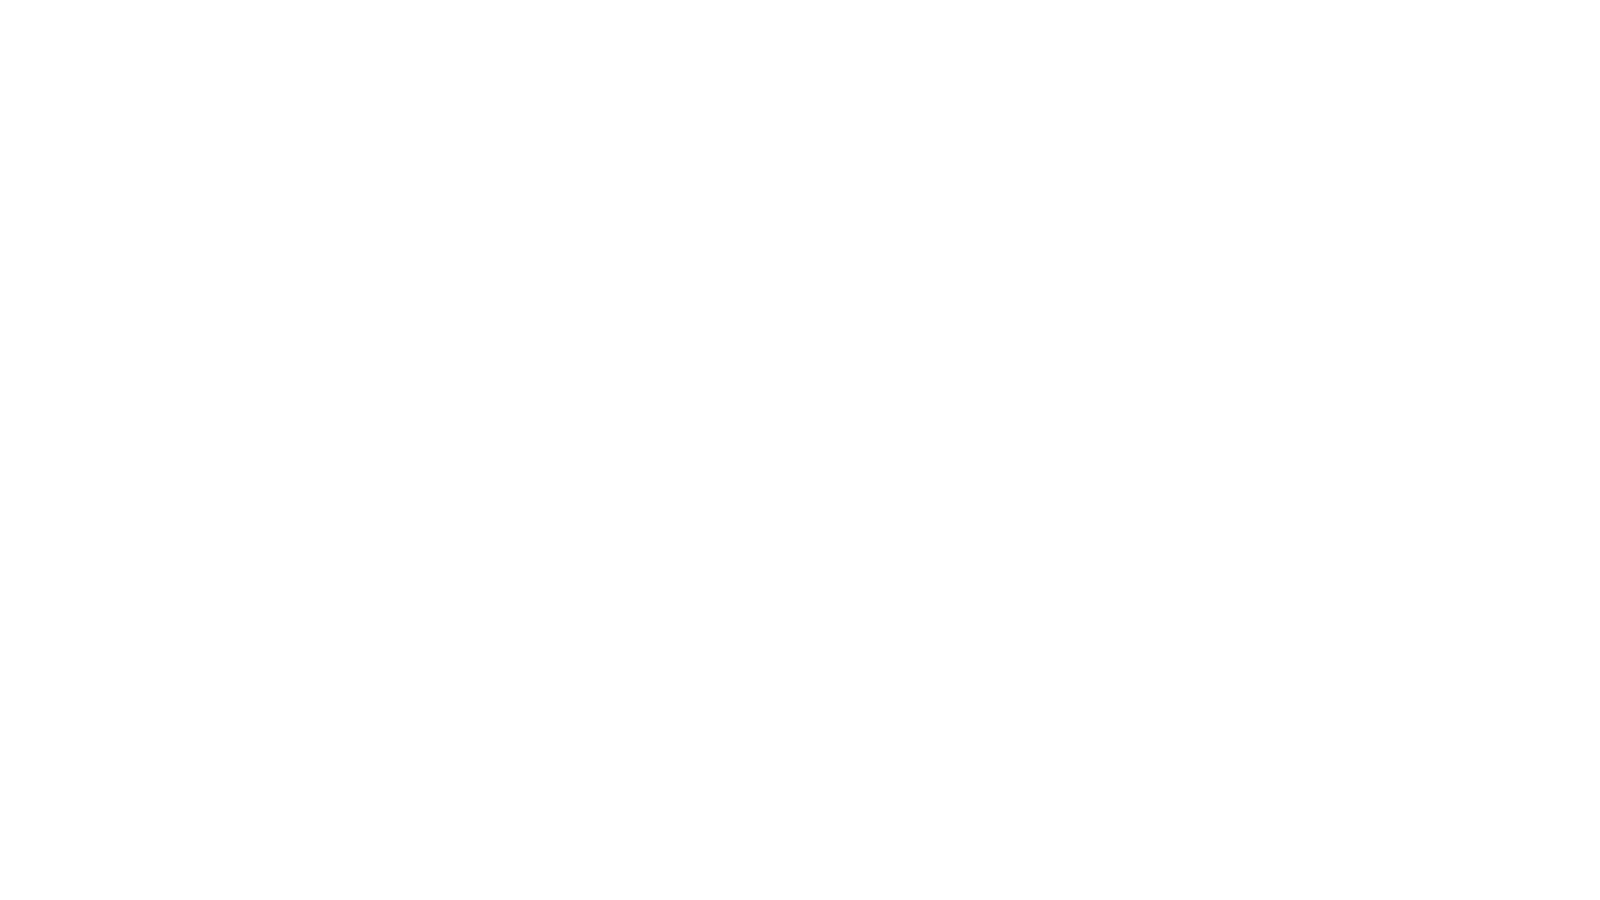 Підписуйся на канал та наші  соцмережі, де є багато цінної  інформації про раціональне садівництво:) facebook.com/shoniplants/ — для зв`язку з нами та новин instagram.com/shoni_kyiv_ua/ — для гарних фото та сторіc t.me/Shoniplants — для оповіщення про наші події та письмових статей shoni.kiev.ua — сайт нашого розсадника